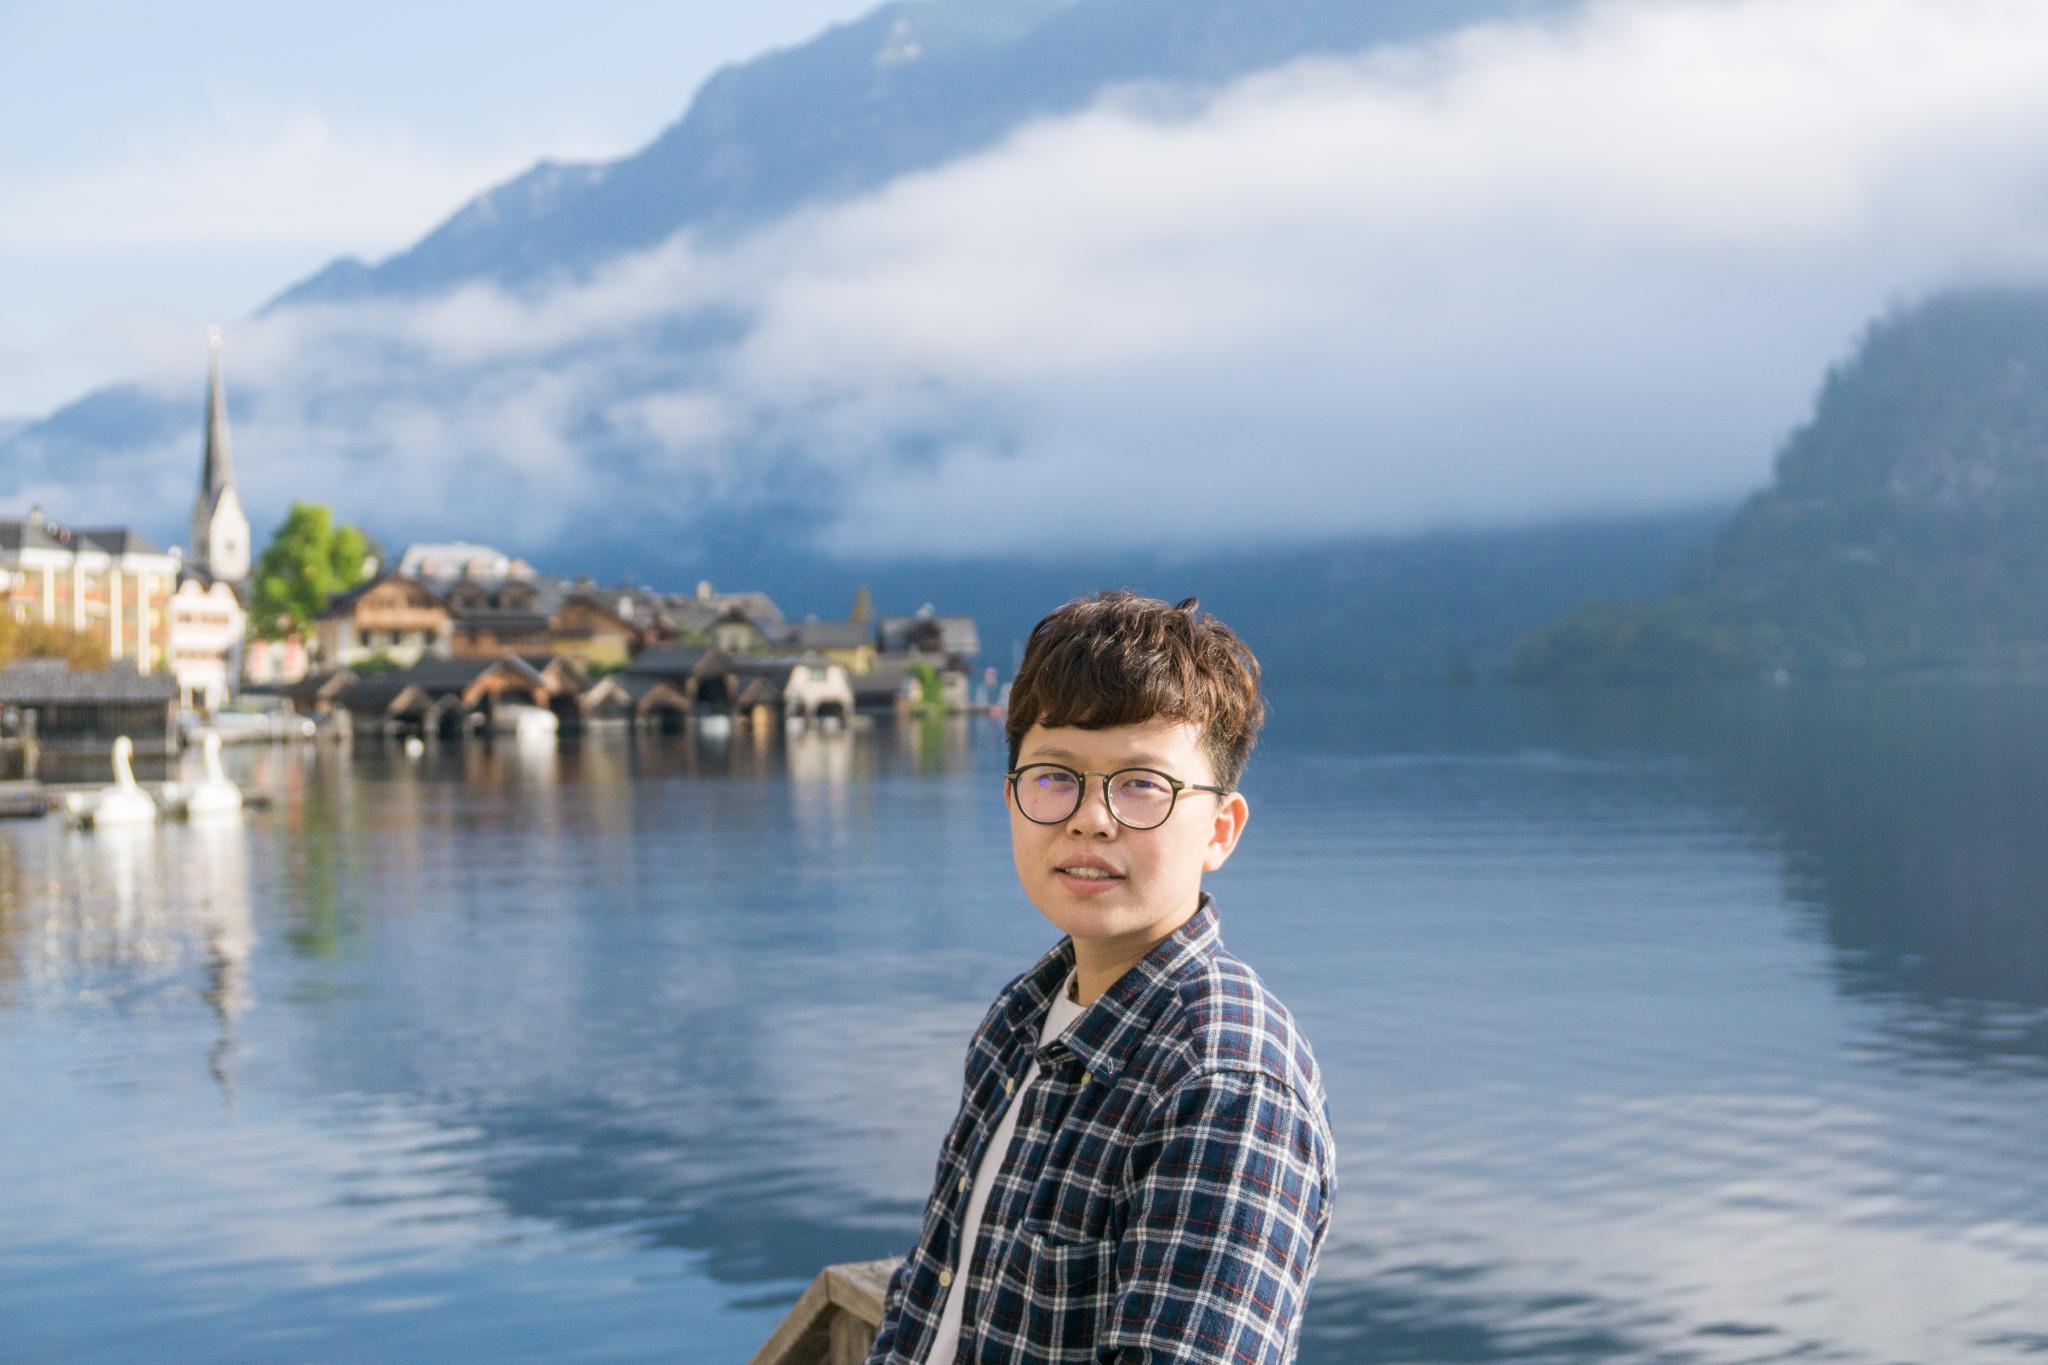 【奧地利】童話仙境 Hallstatt 哈修塔特 — 追逐世界遺產小鎮的夢幻黃金日出 9